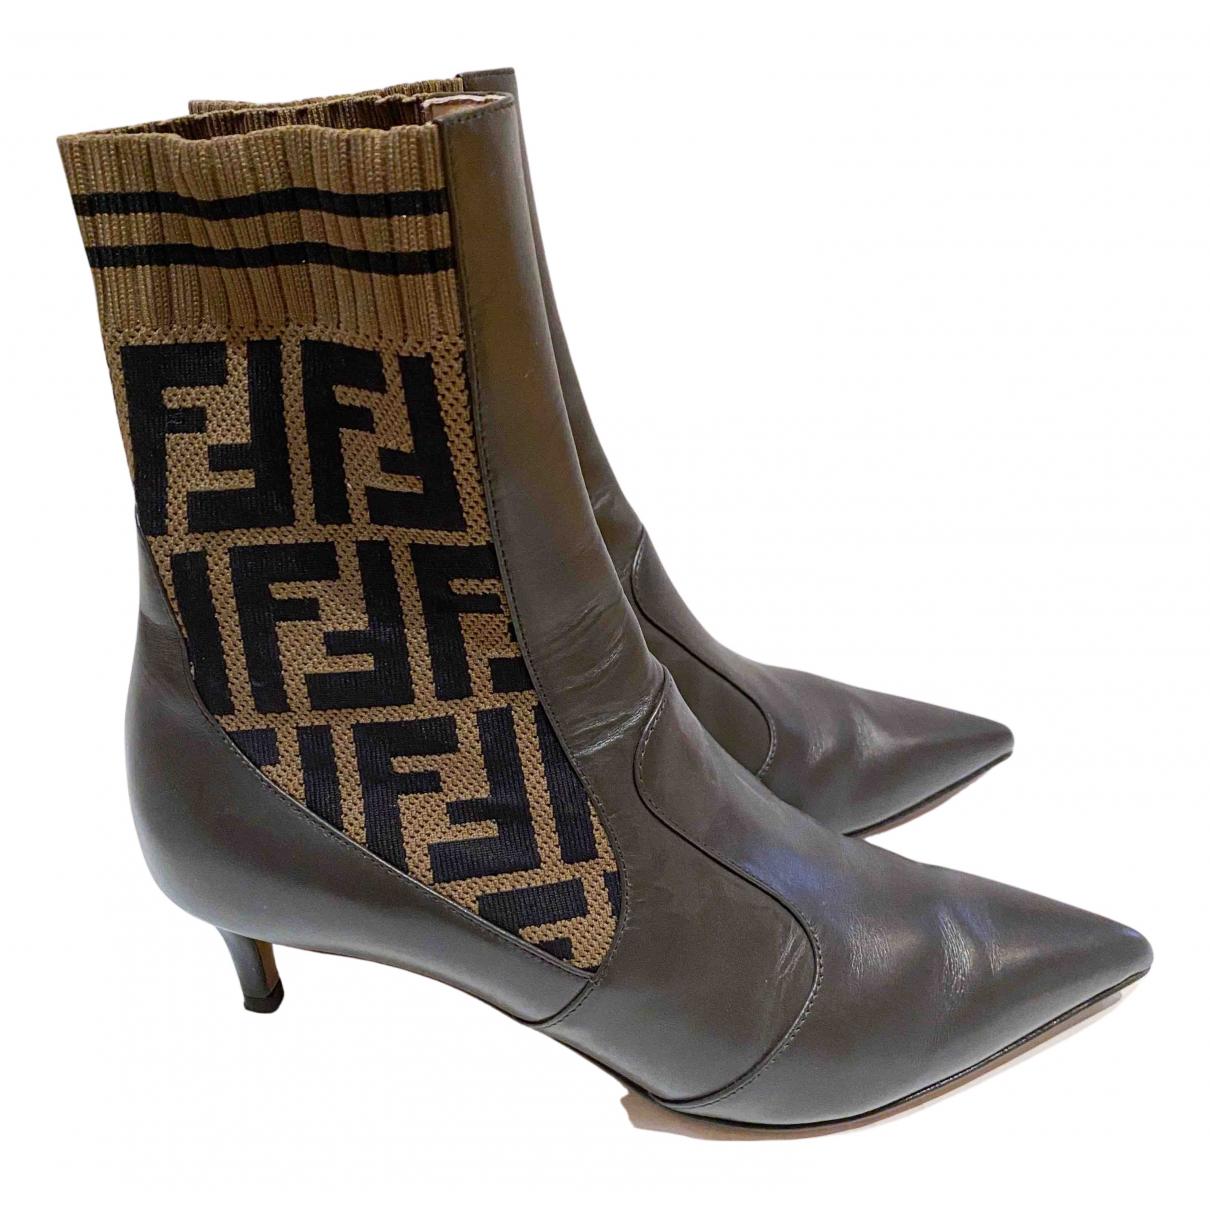 Fendi Colibri Brown Leather Boots for Women 36 EU